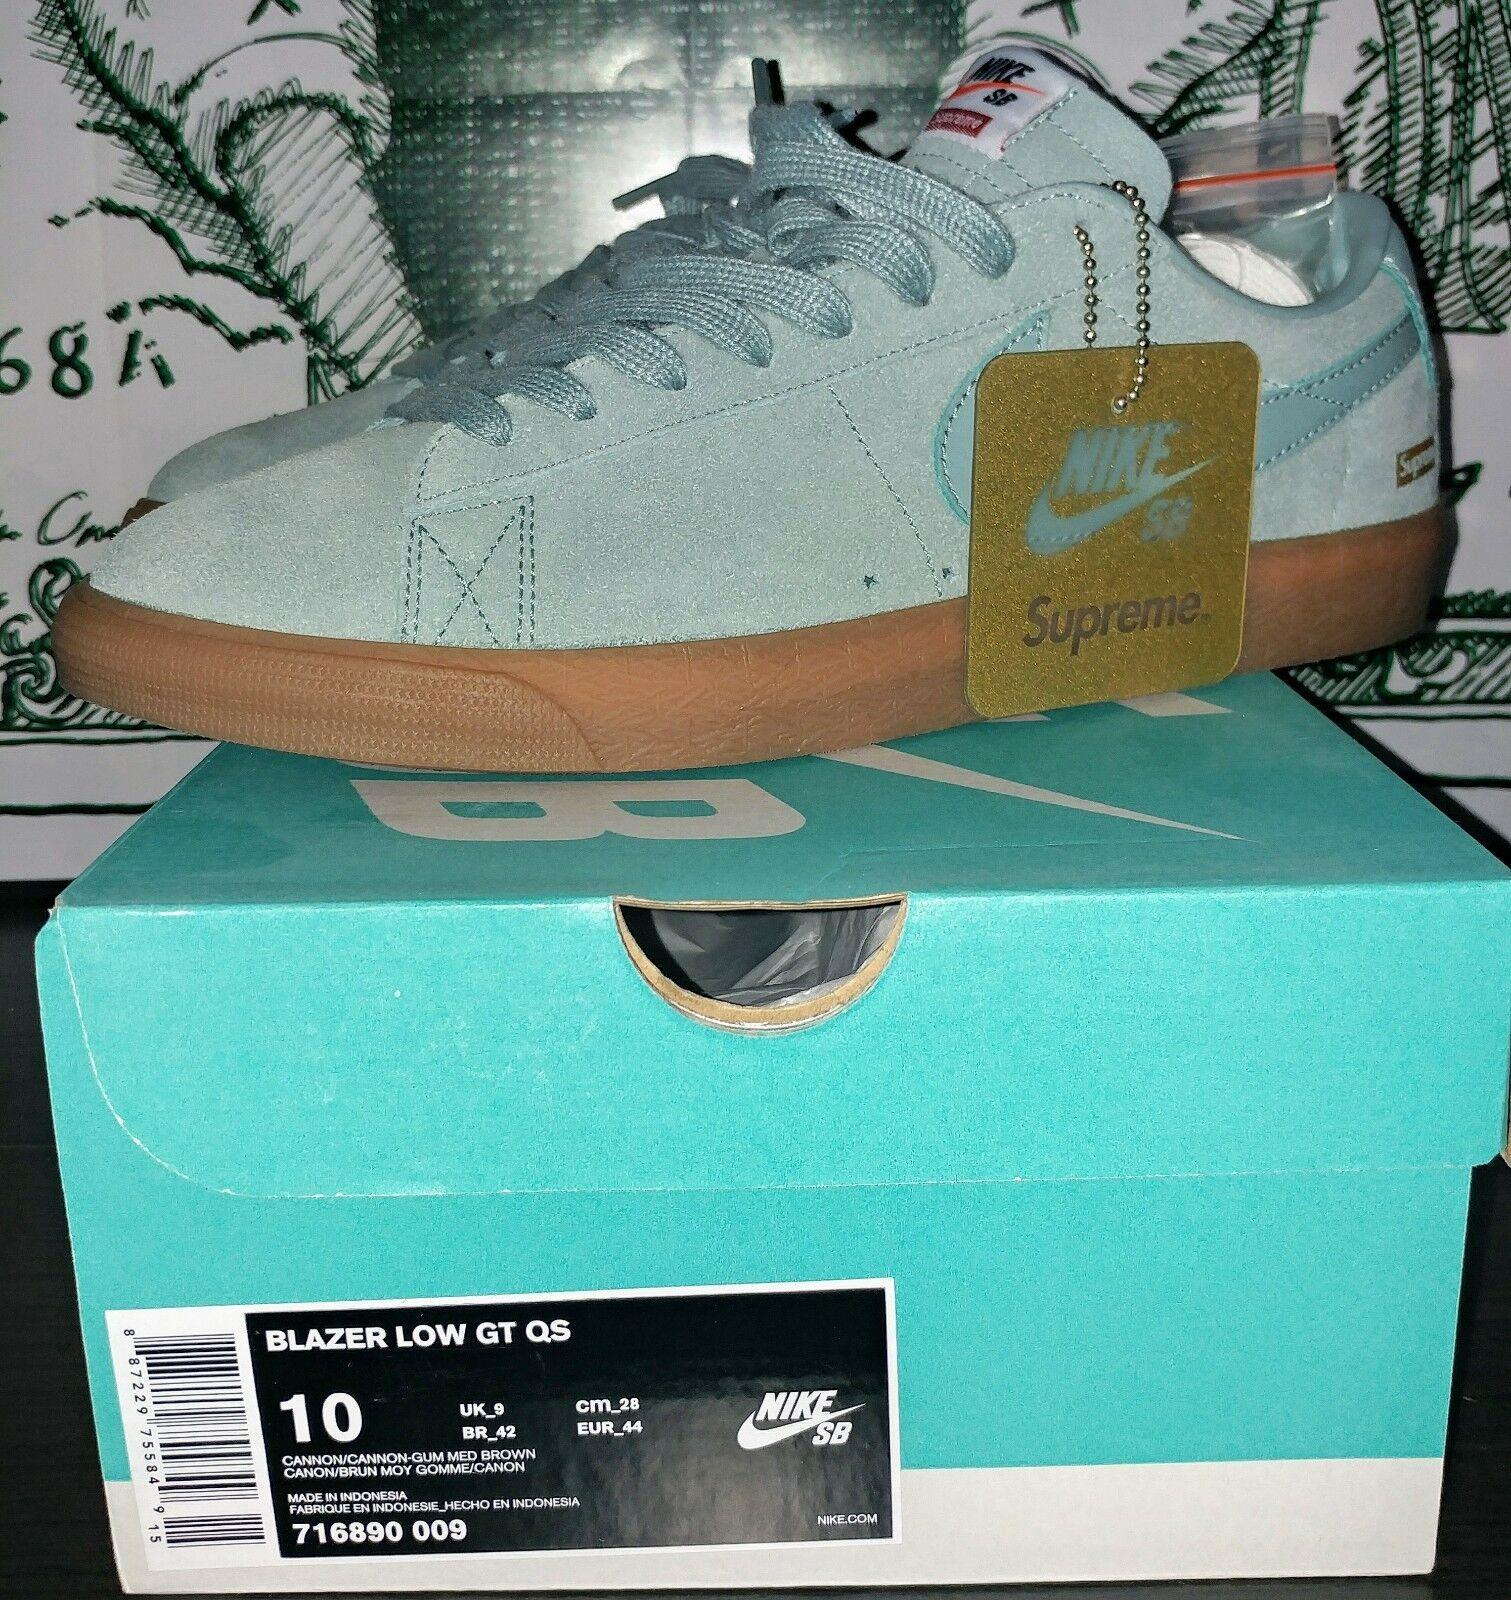 SIZE 10 Nike X SUPREME SB BLAZER LOW GT QS  CANNON FW16 - 716890 009 Cheap women's shoes women's shoes